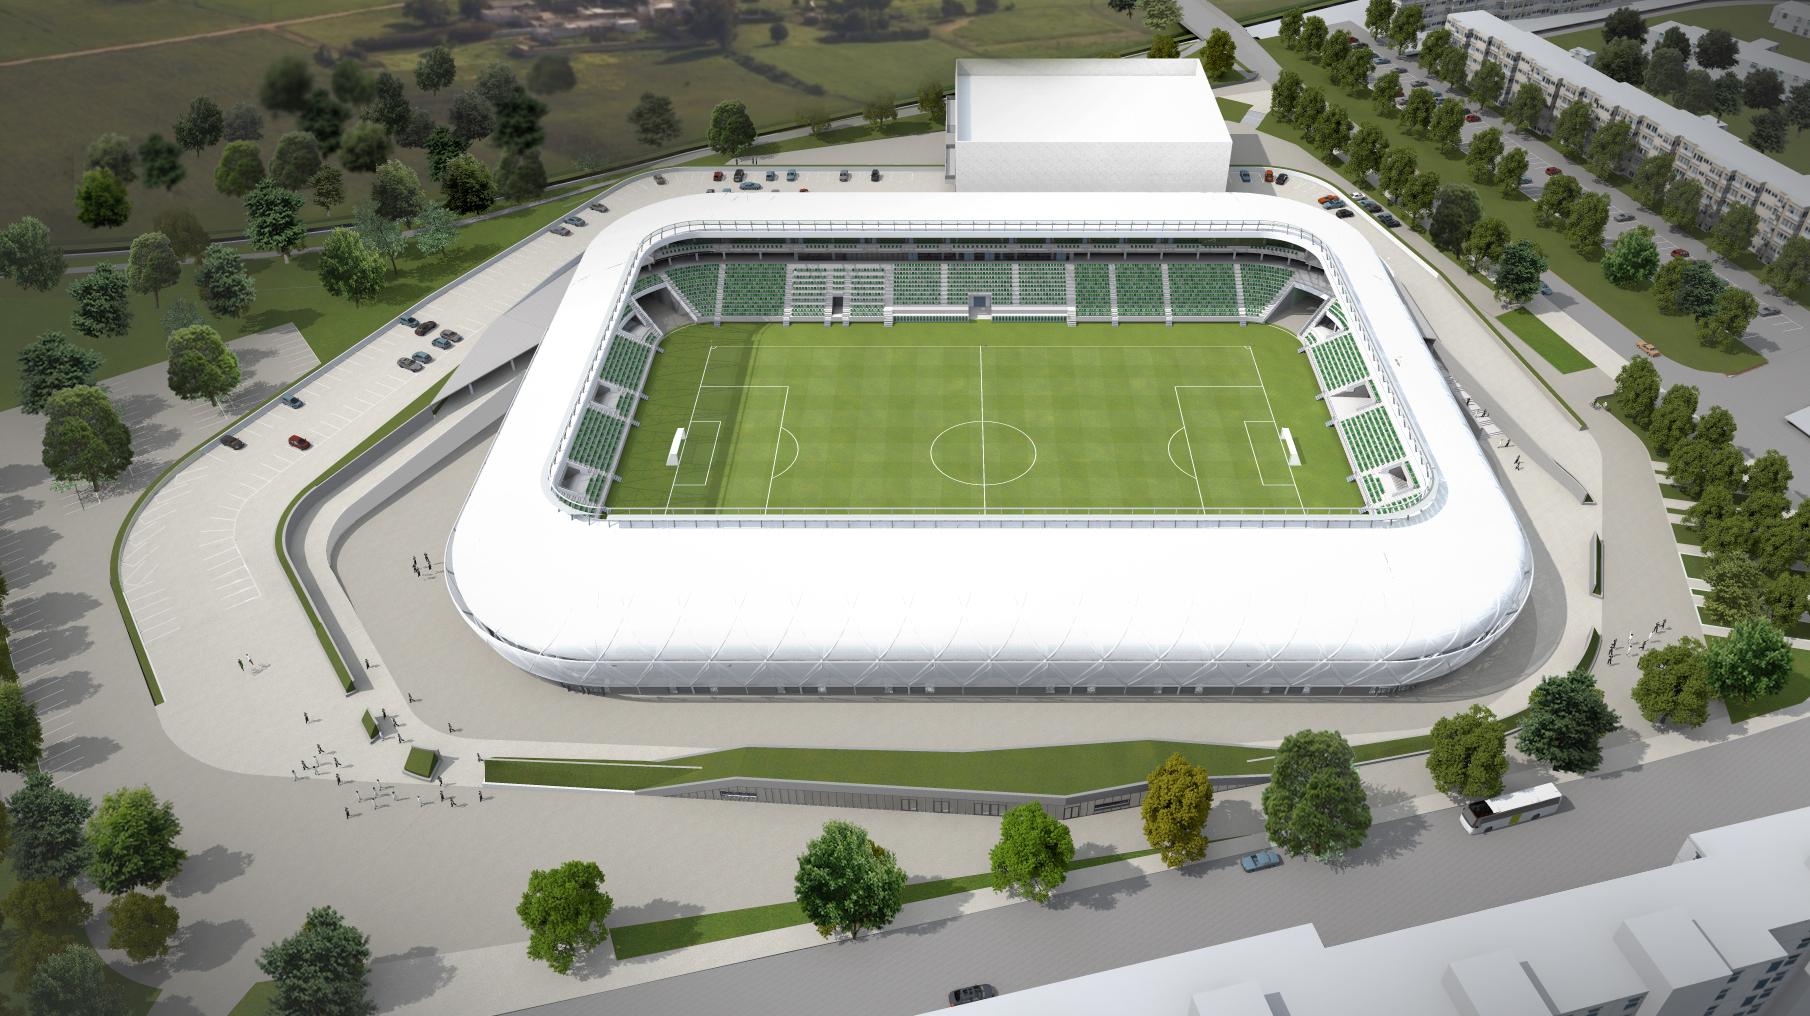 Péntektől lehet jegyet venni az új szombathelyi stadion nyitóünnepségére